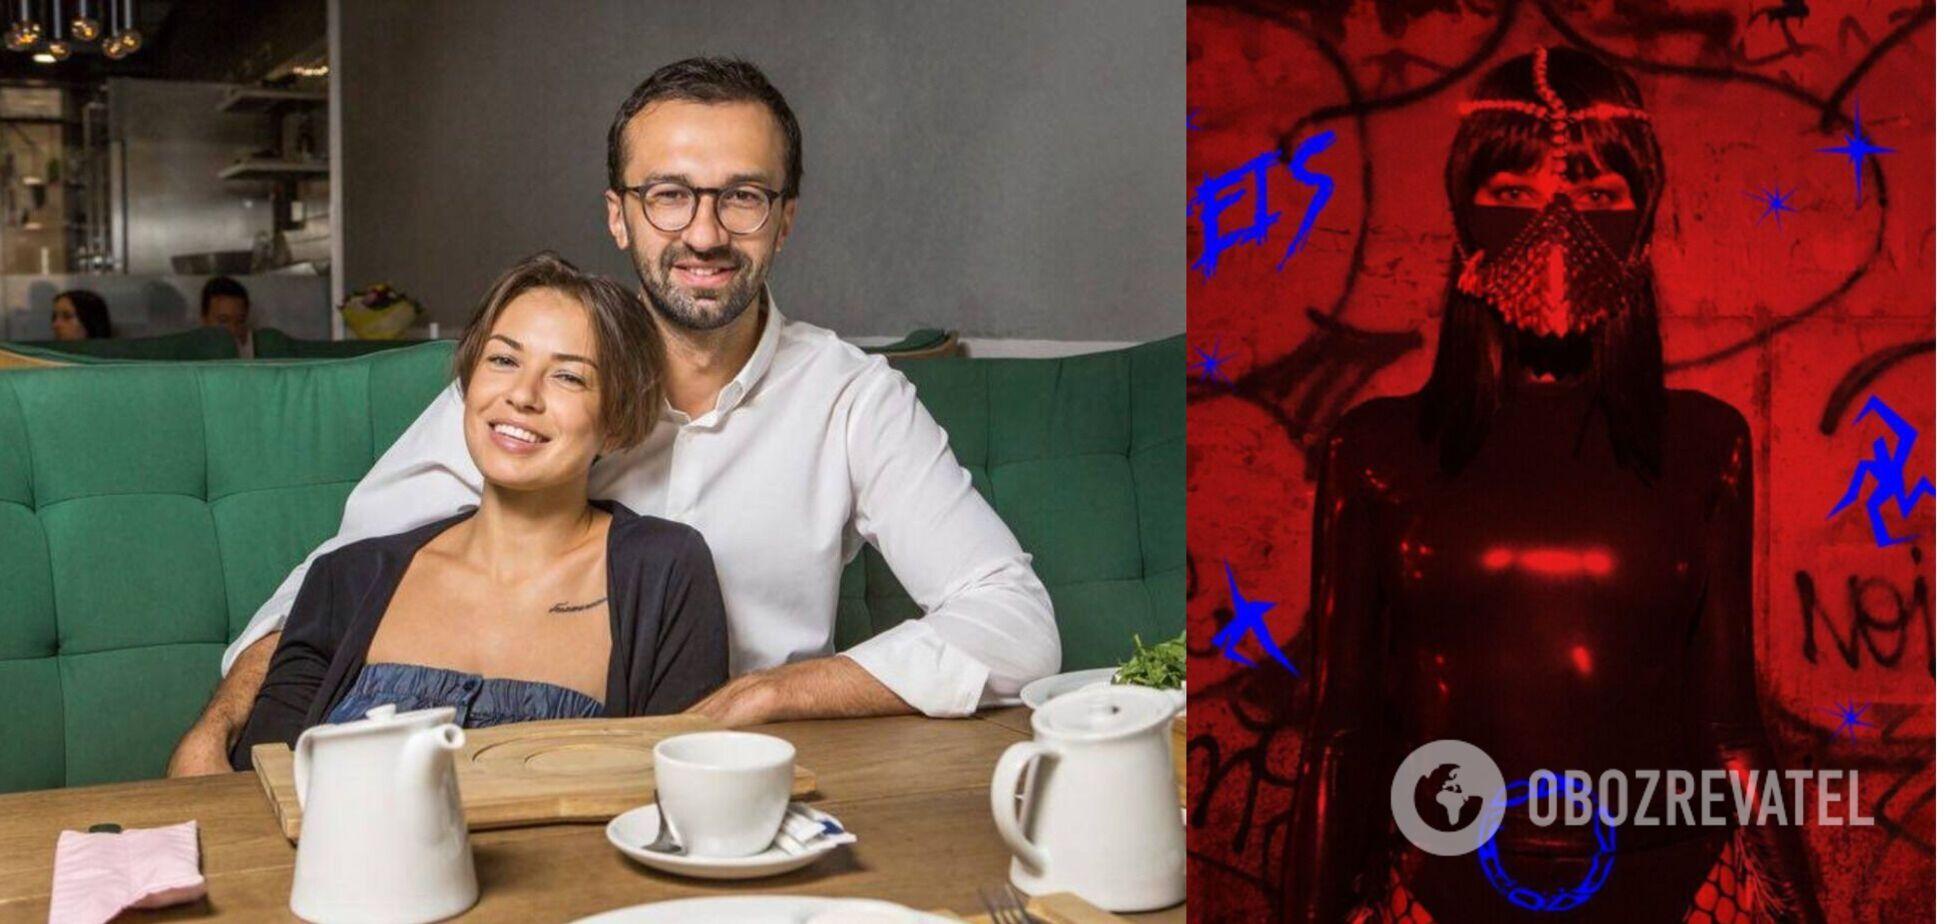 Жена Лещенко выступит в ночном клубе в Москве: в сети отреагировали